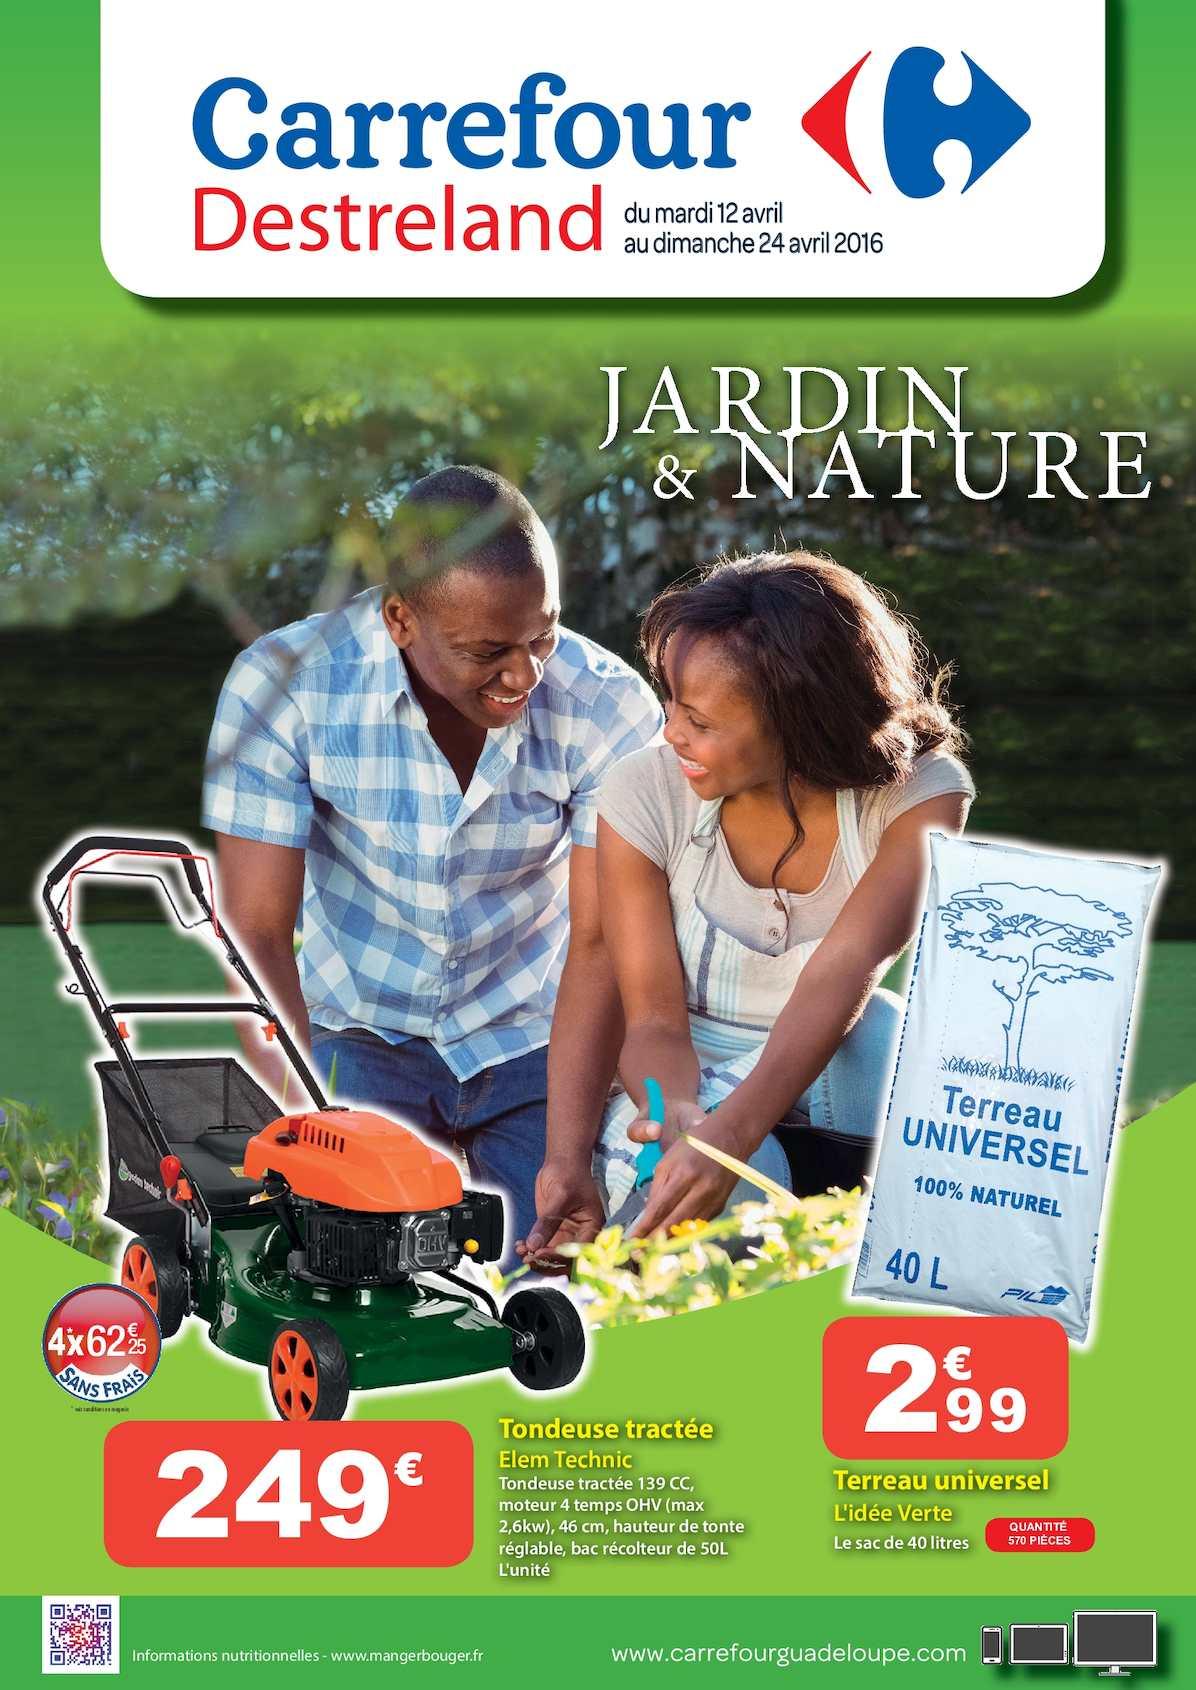 Calaméo - Carrefour Catalogue Jardin & Nature concernant Salon De Jardin Résine Tressée Carrefour